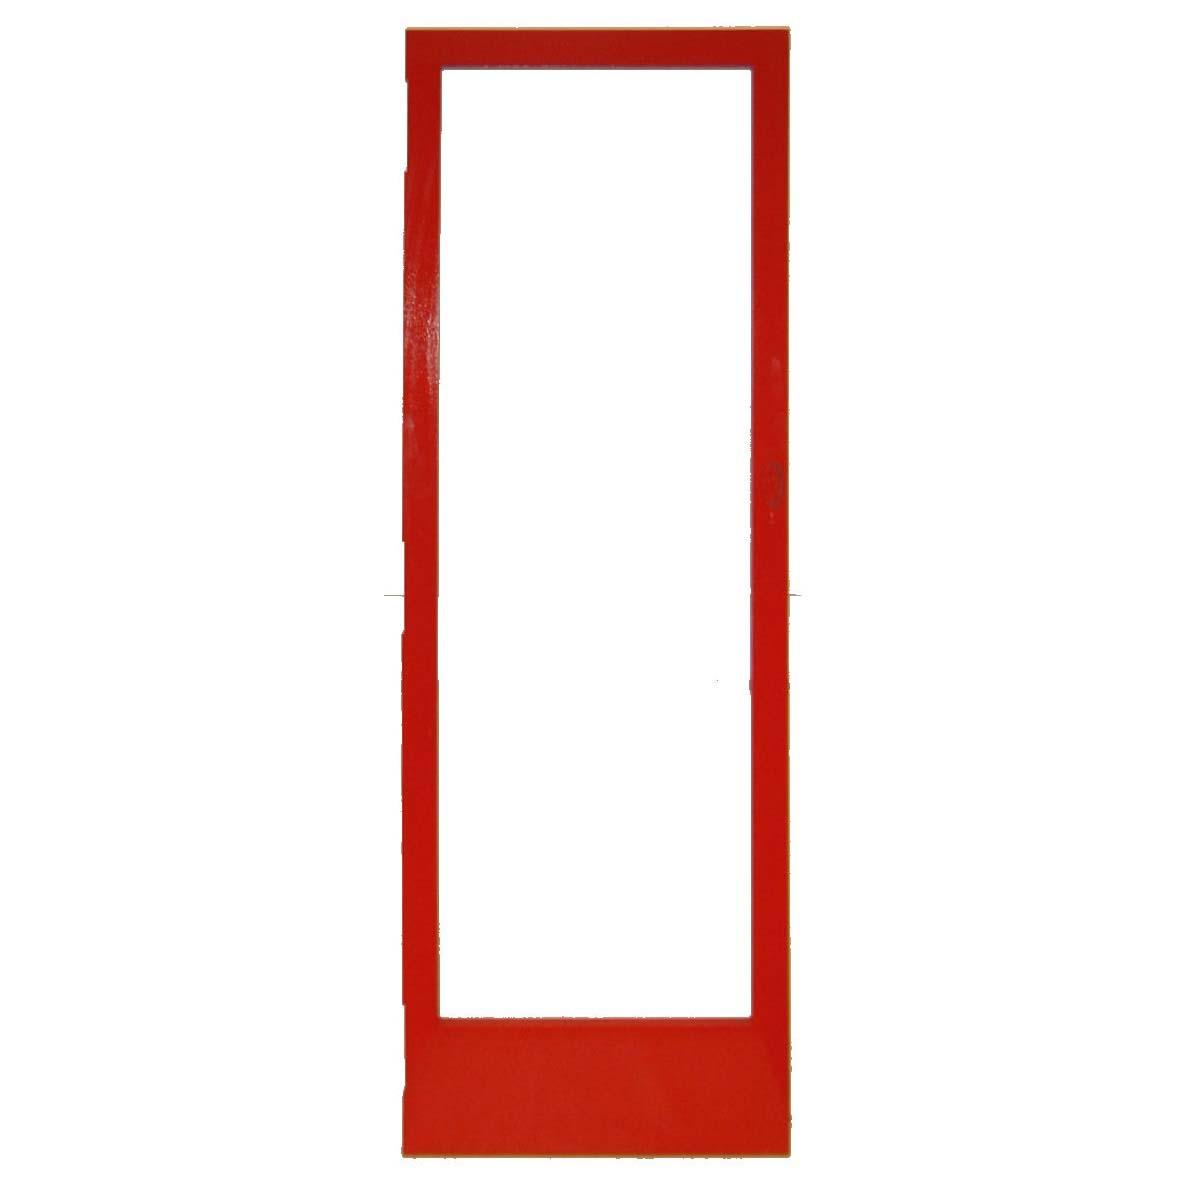 K6 HARDWOOD DOOR SURROUND - LH